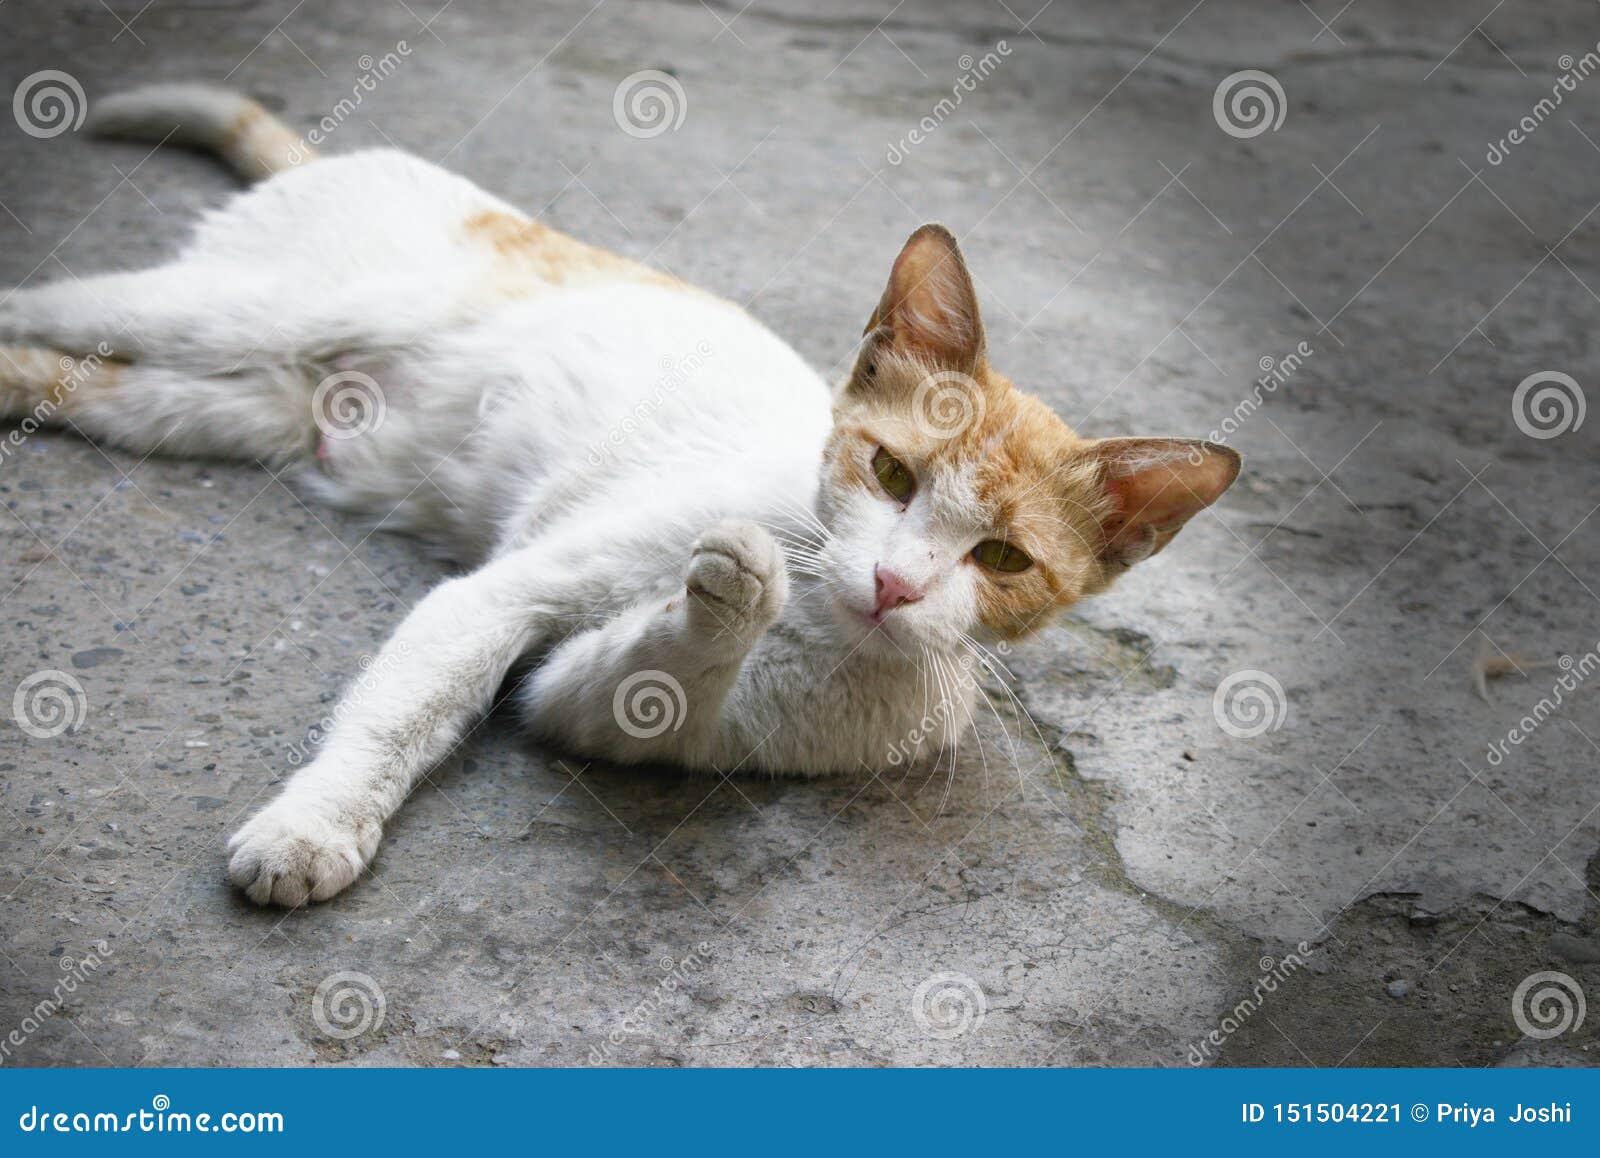 Nette weiße Katze mit einem interessanten und neugierigen Ausdruckamerikanischen nationalstandard